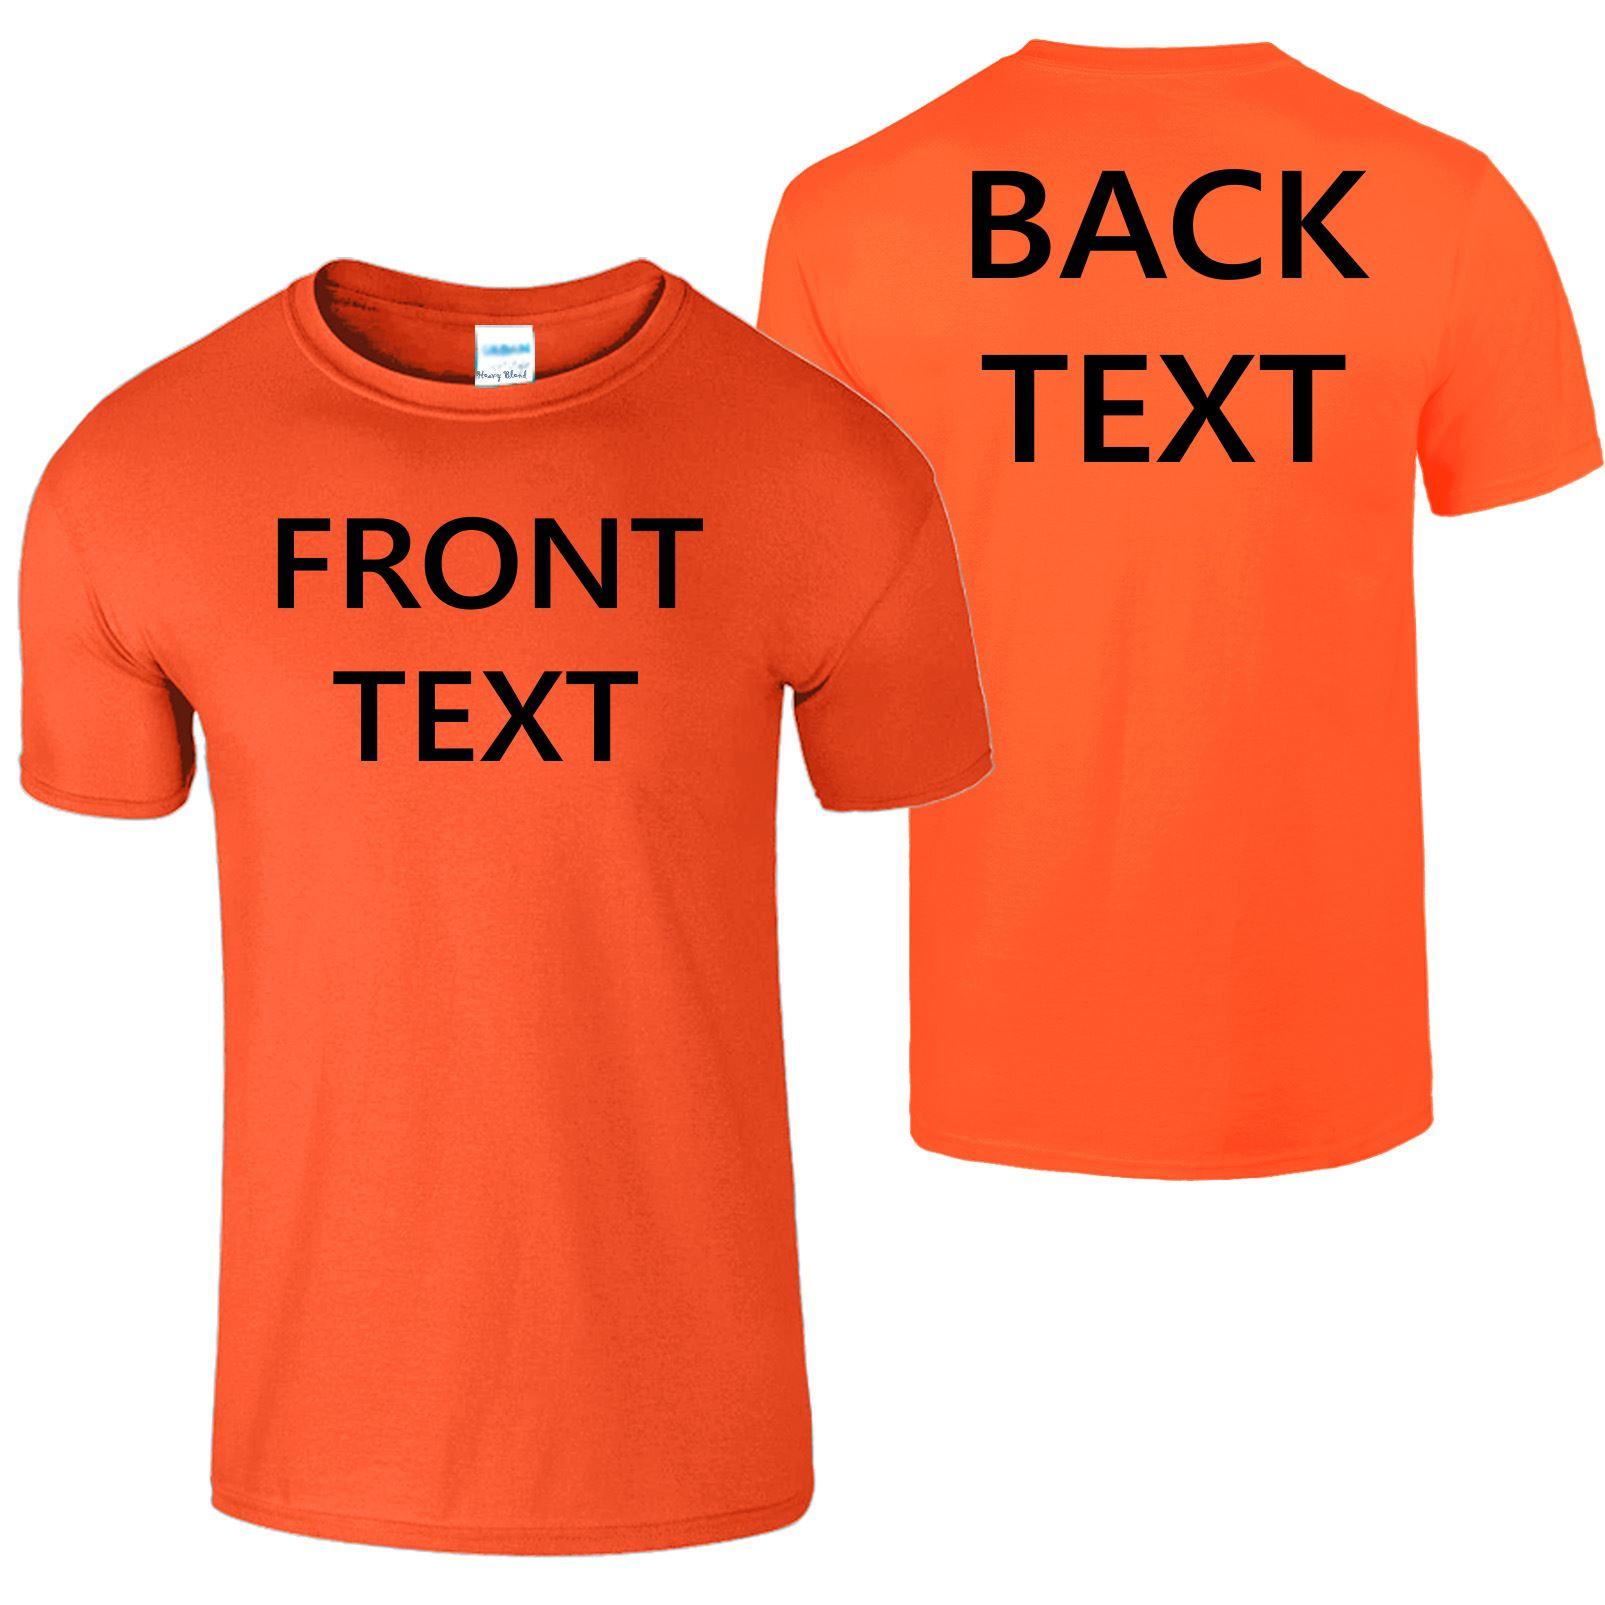 Personalised-Custom-Printed-Kids-T-shirt-Votre-Design-Text-Cadeau-d-039-anniversaire-t-shirt